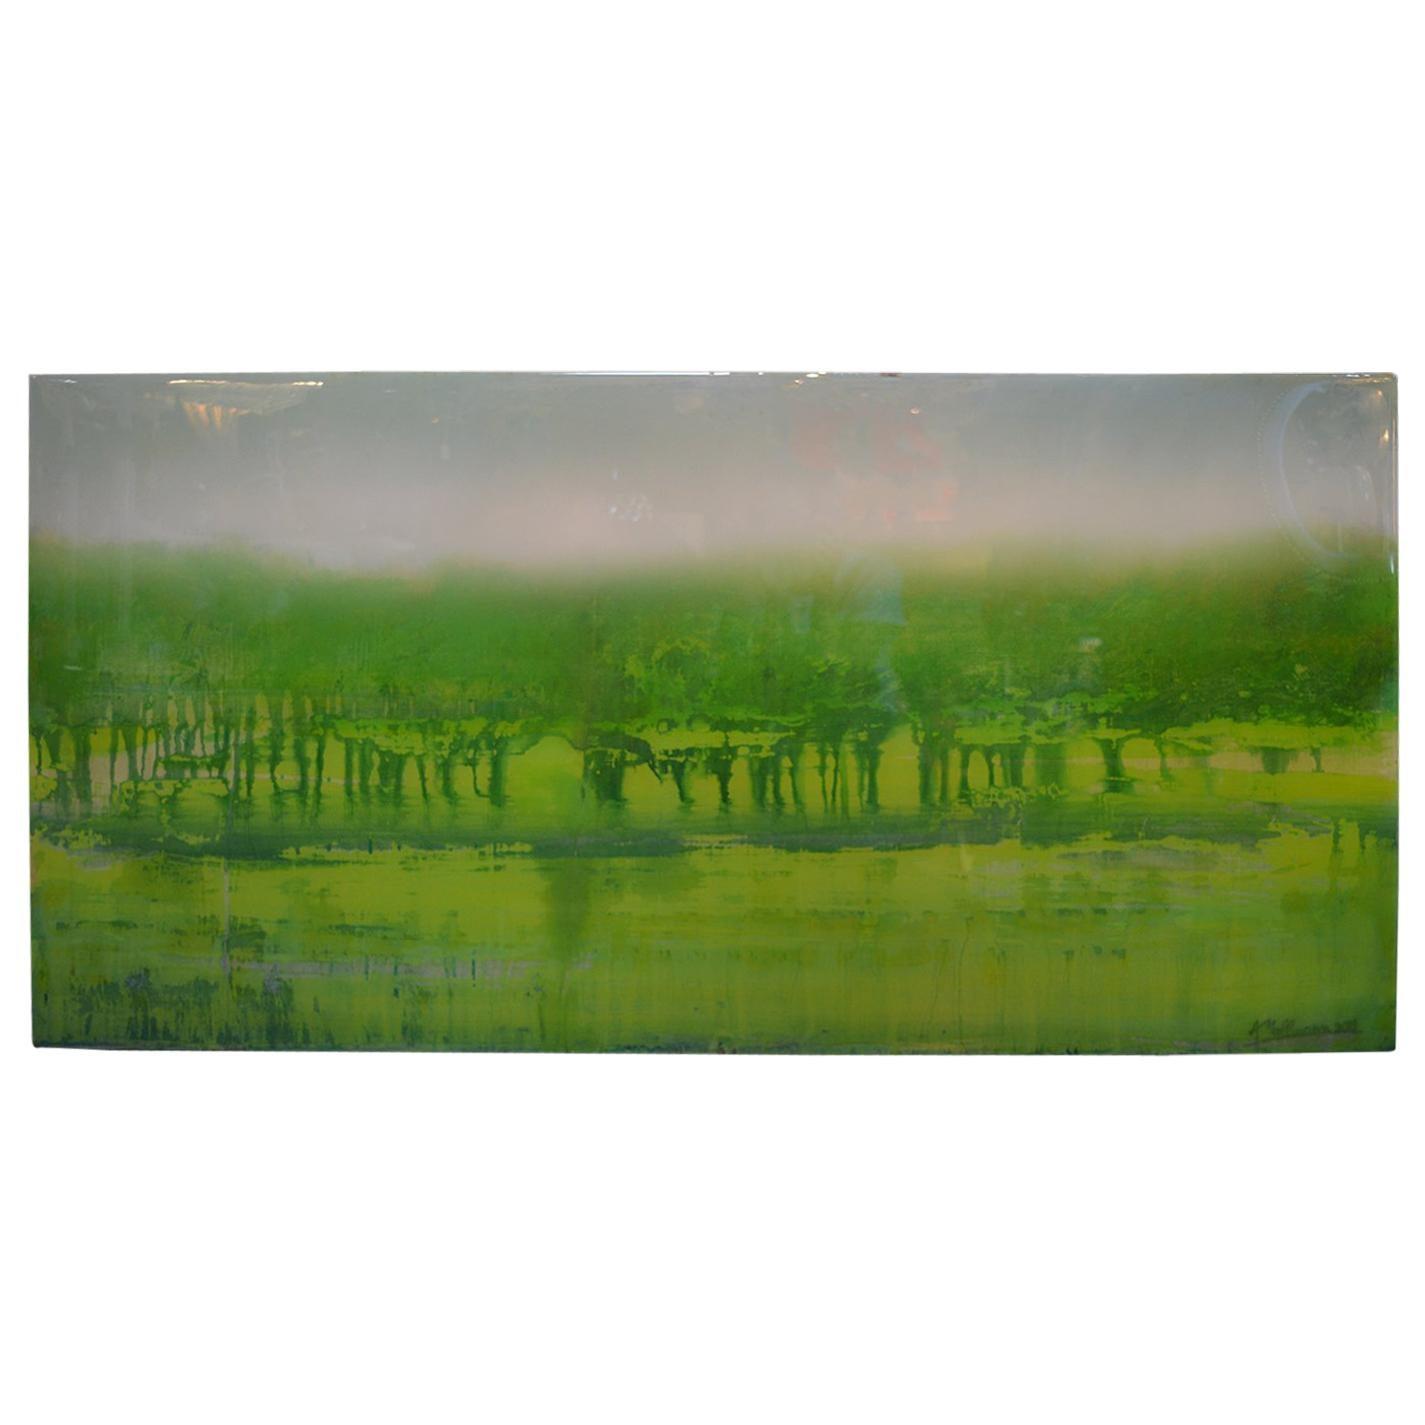 Green Dream by Arturo Mallmann